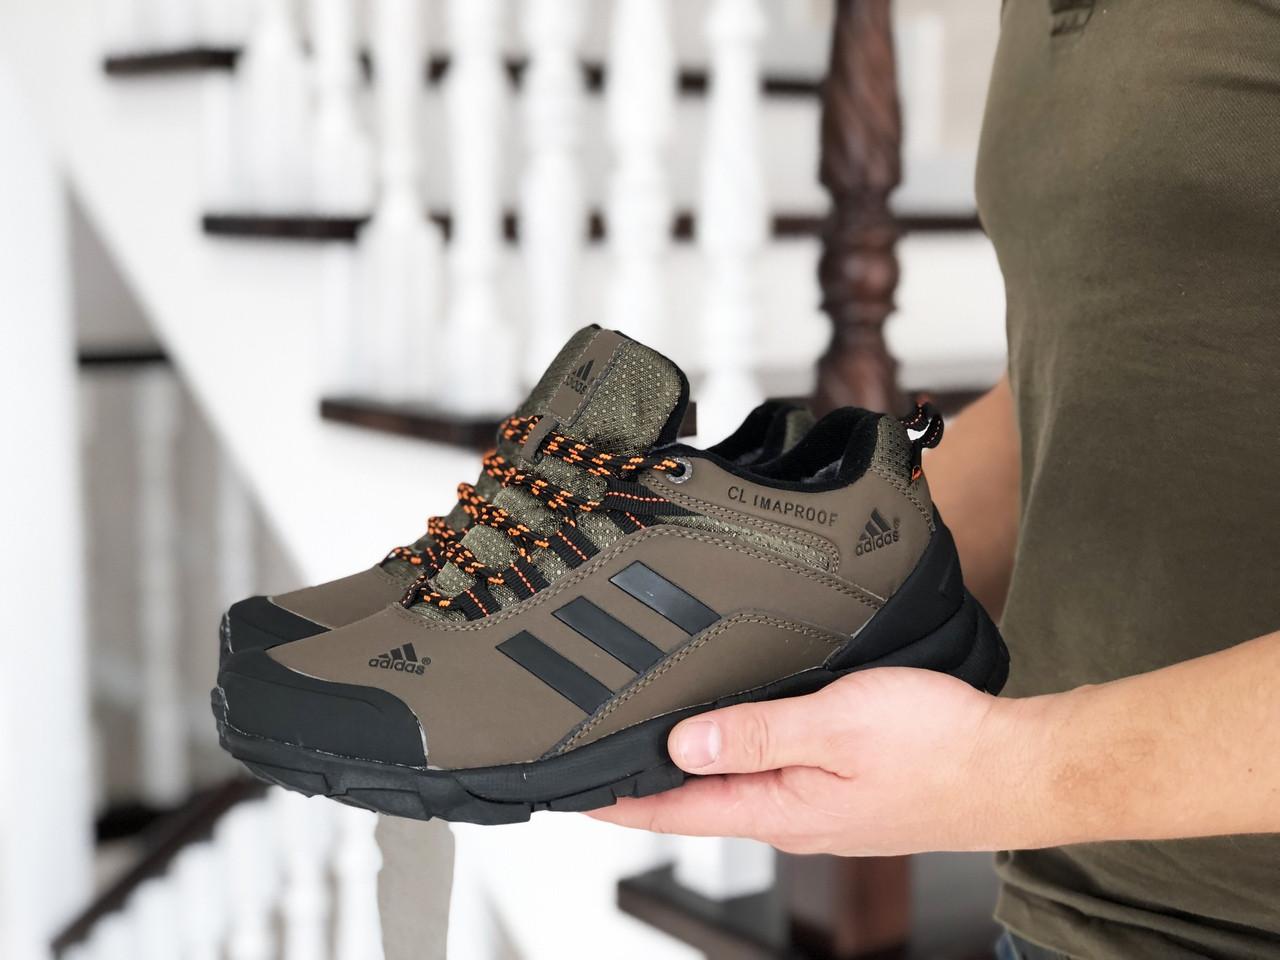 Чоловічі зимові кросівки Adidas Climaproof (коричневі)